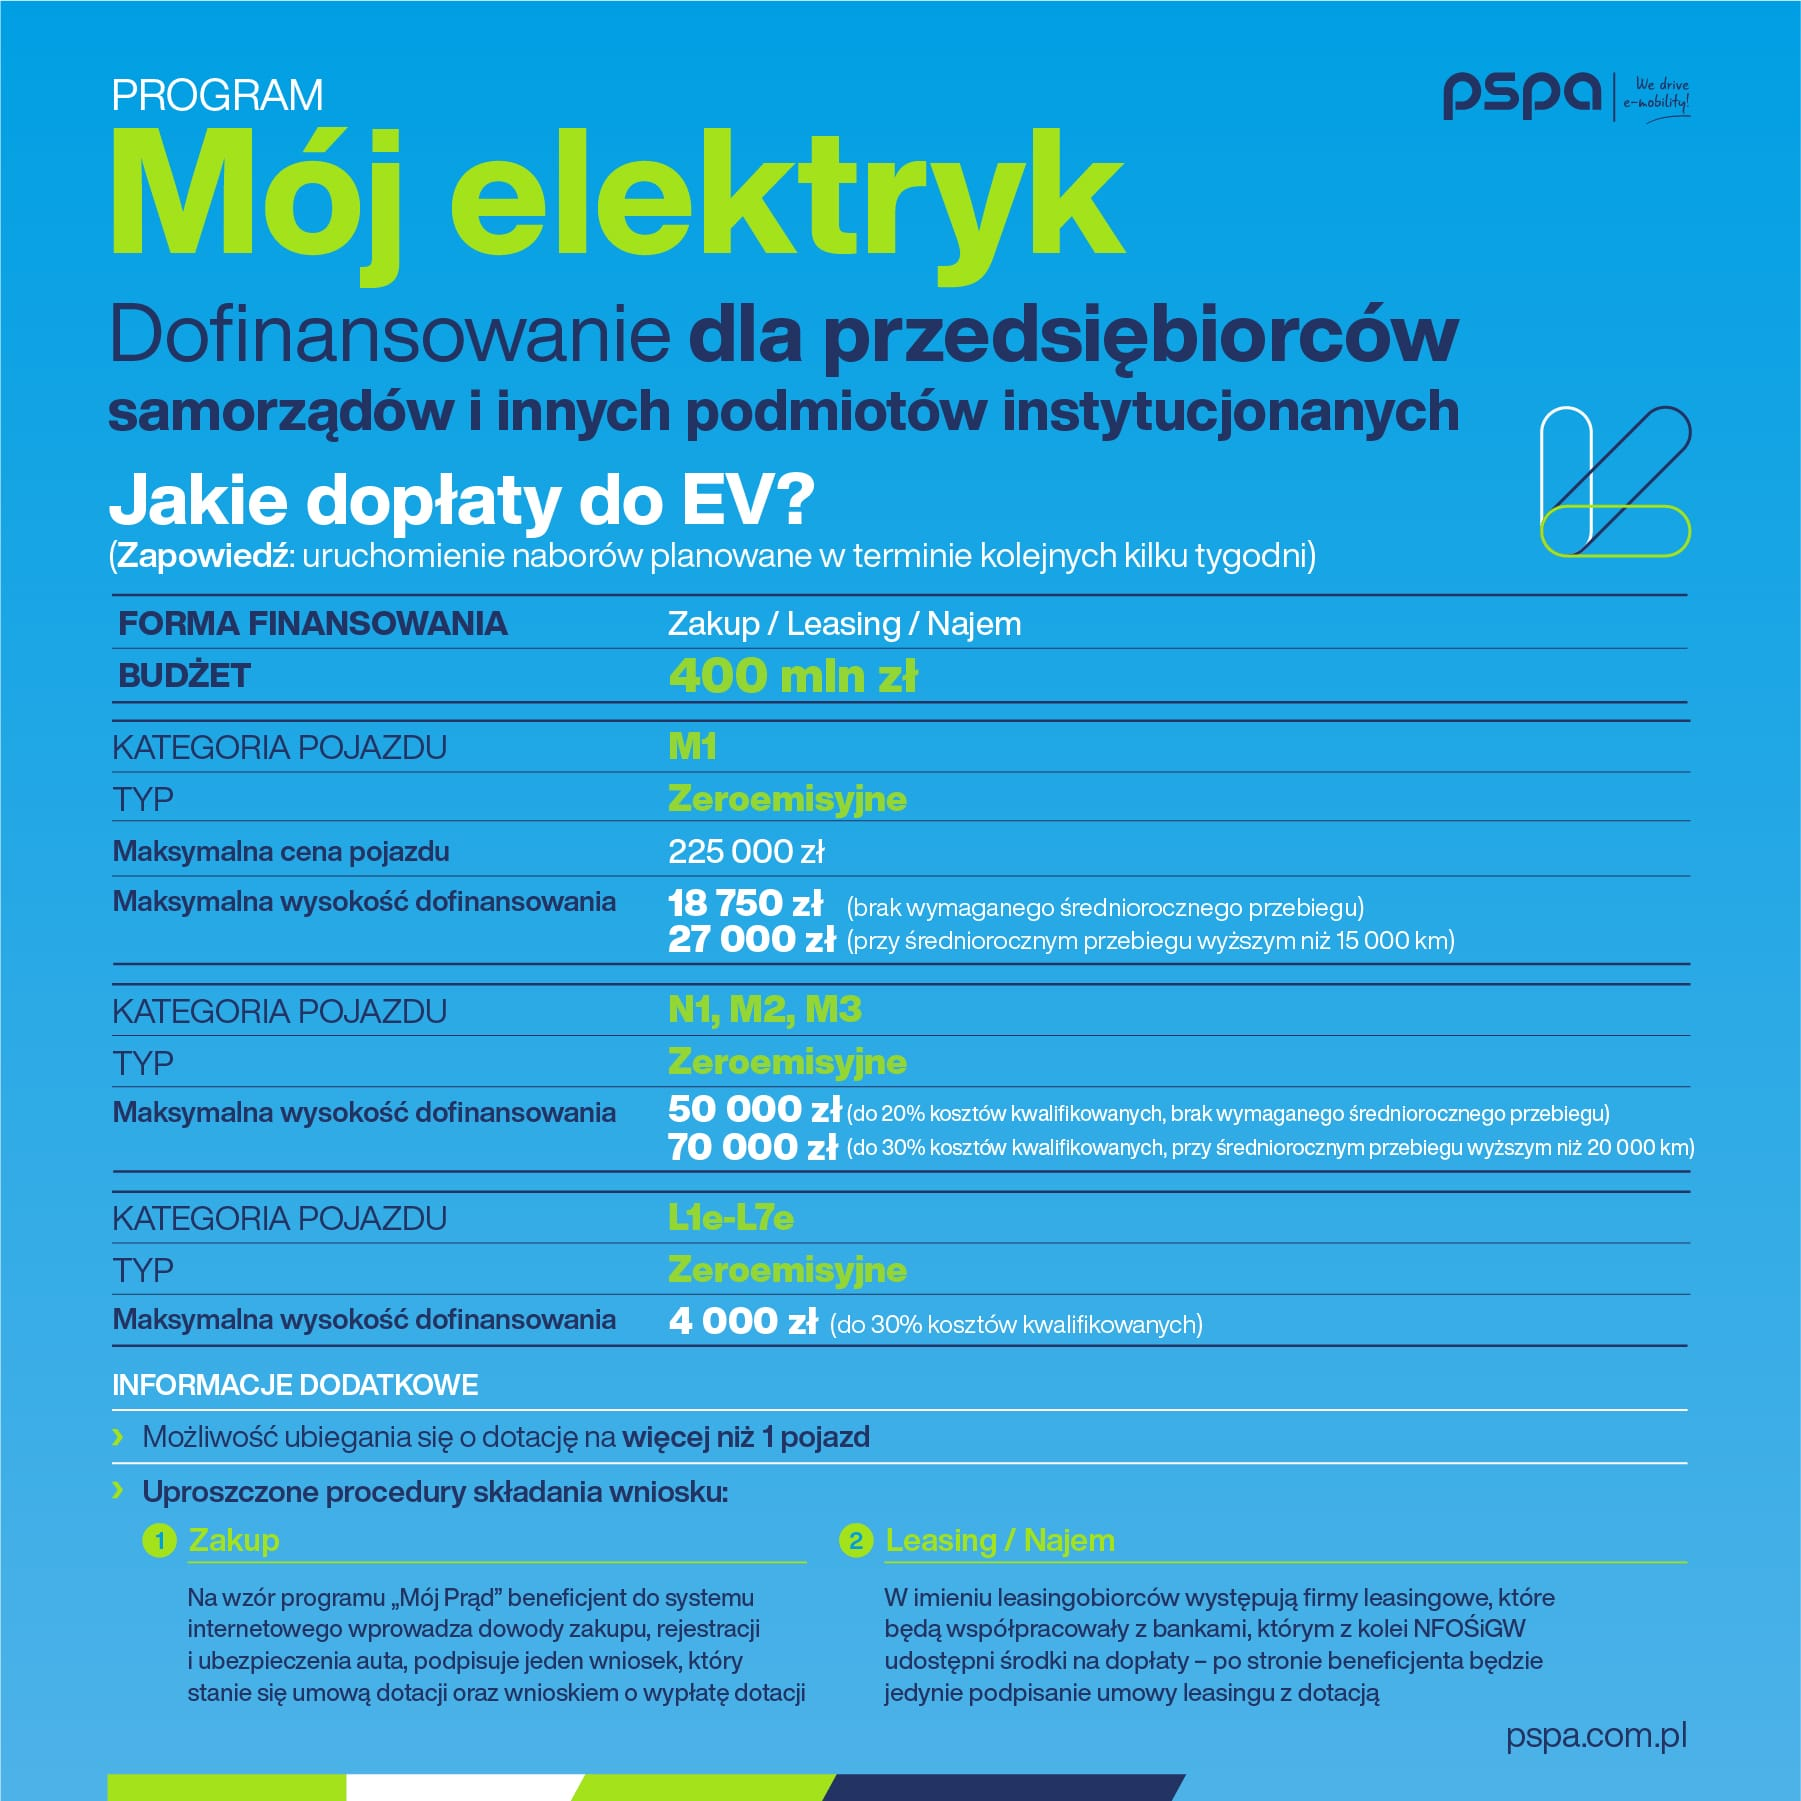 pspa_doplaty_moj_elektryk_grafika_1080x1080px_05